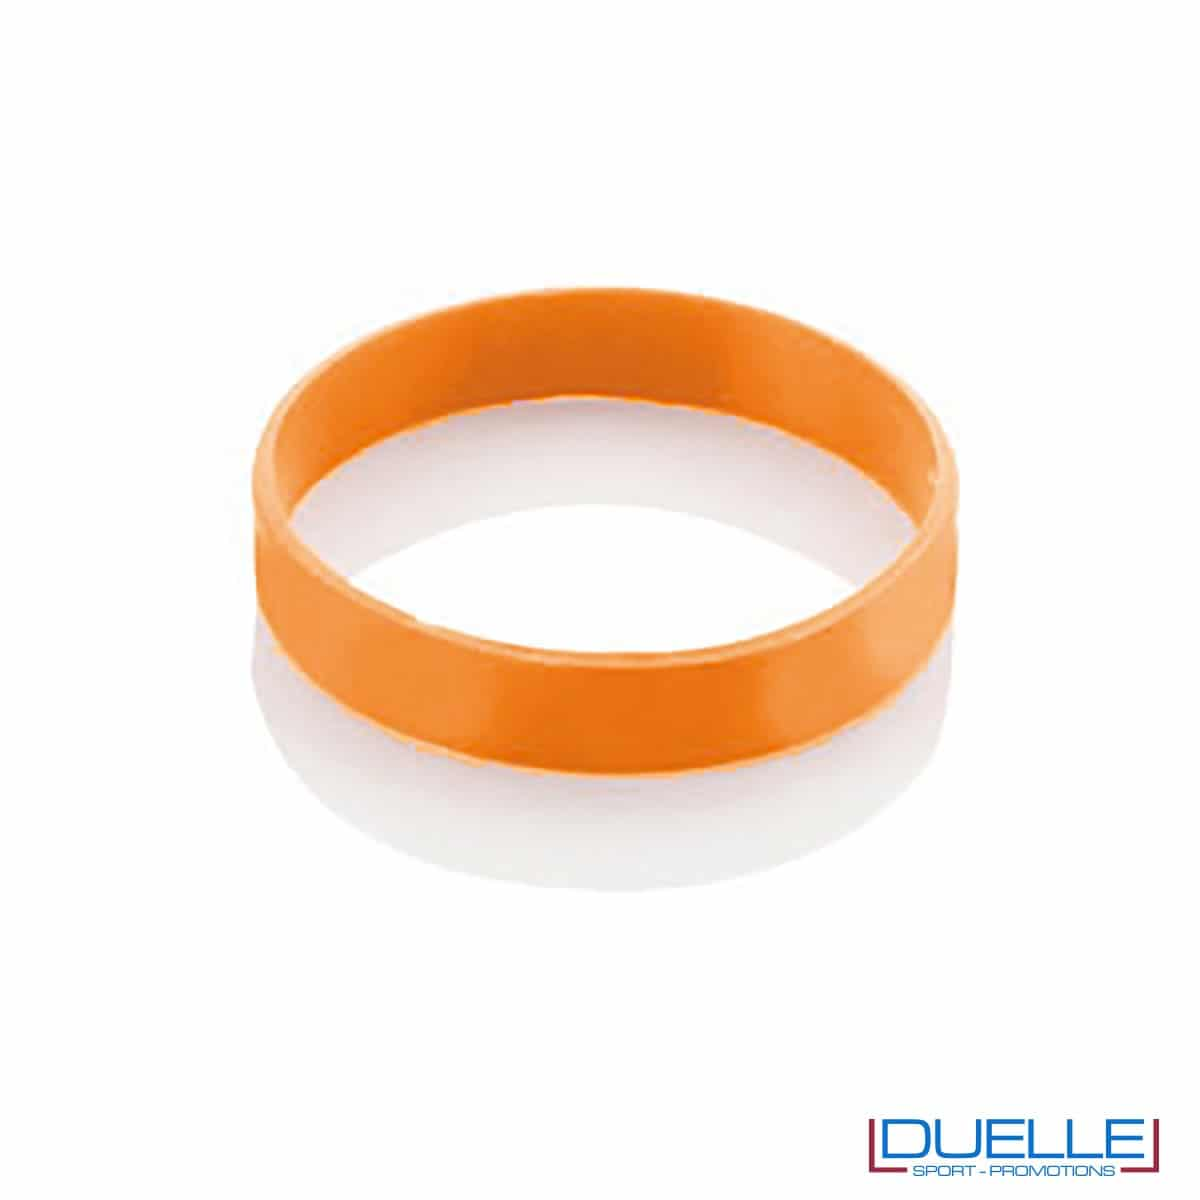 bracciale in silicone personalizzato arancione Europei 2016, gadget estate sport, gadget Europei 2016, gadget tifo